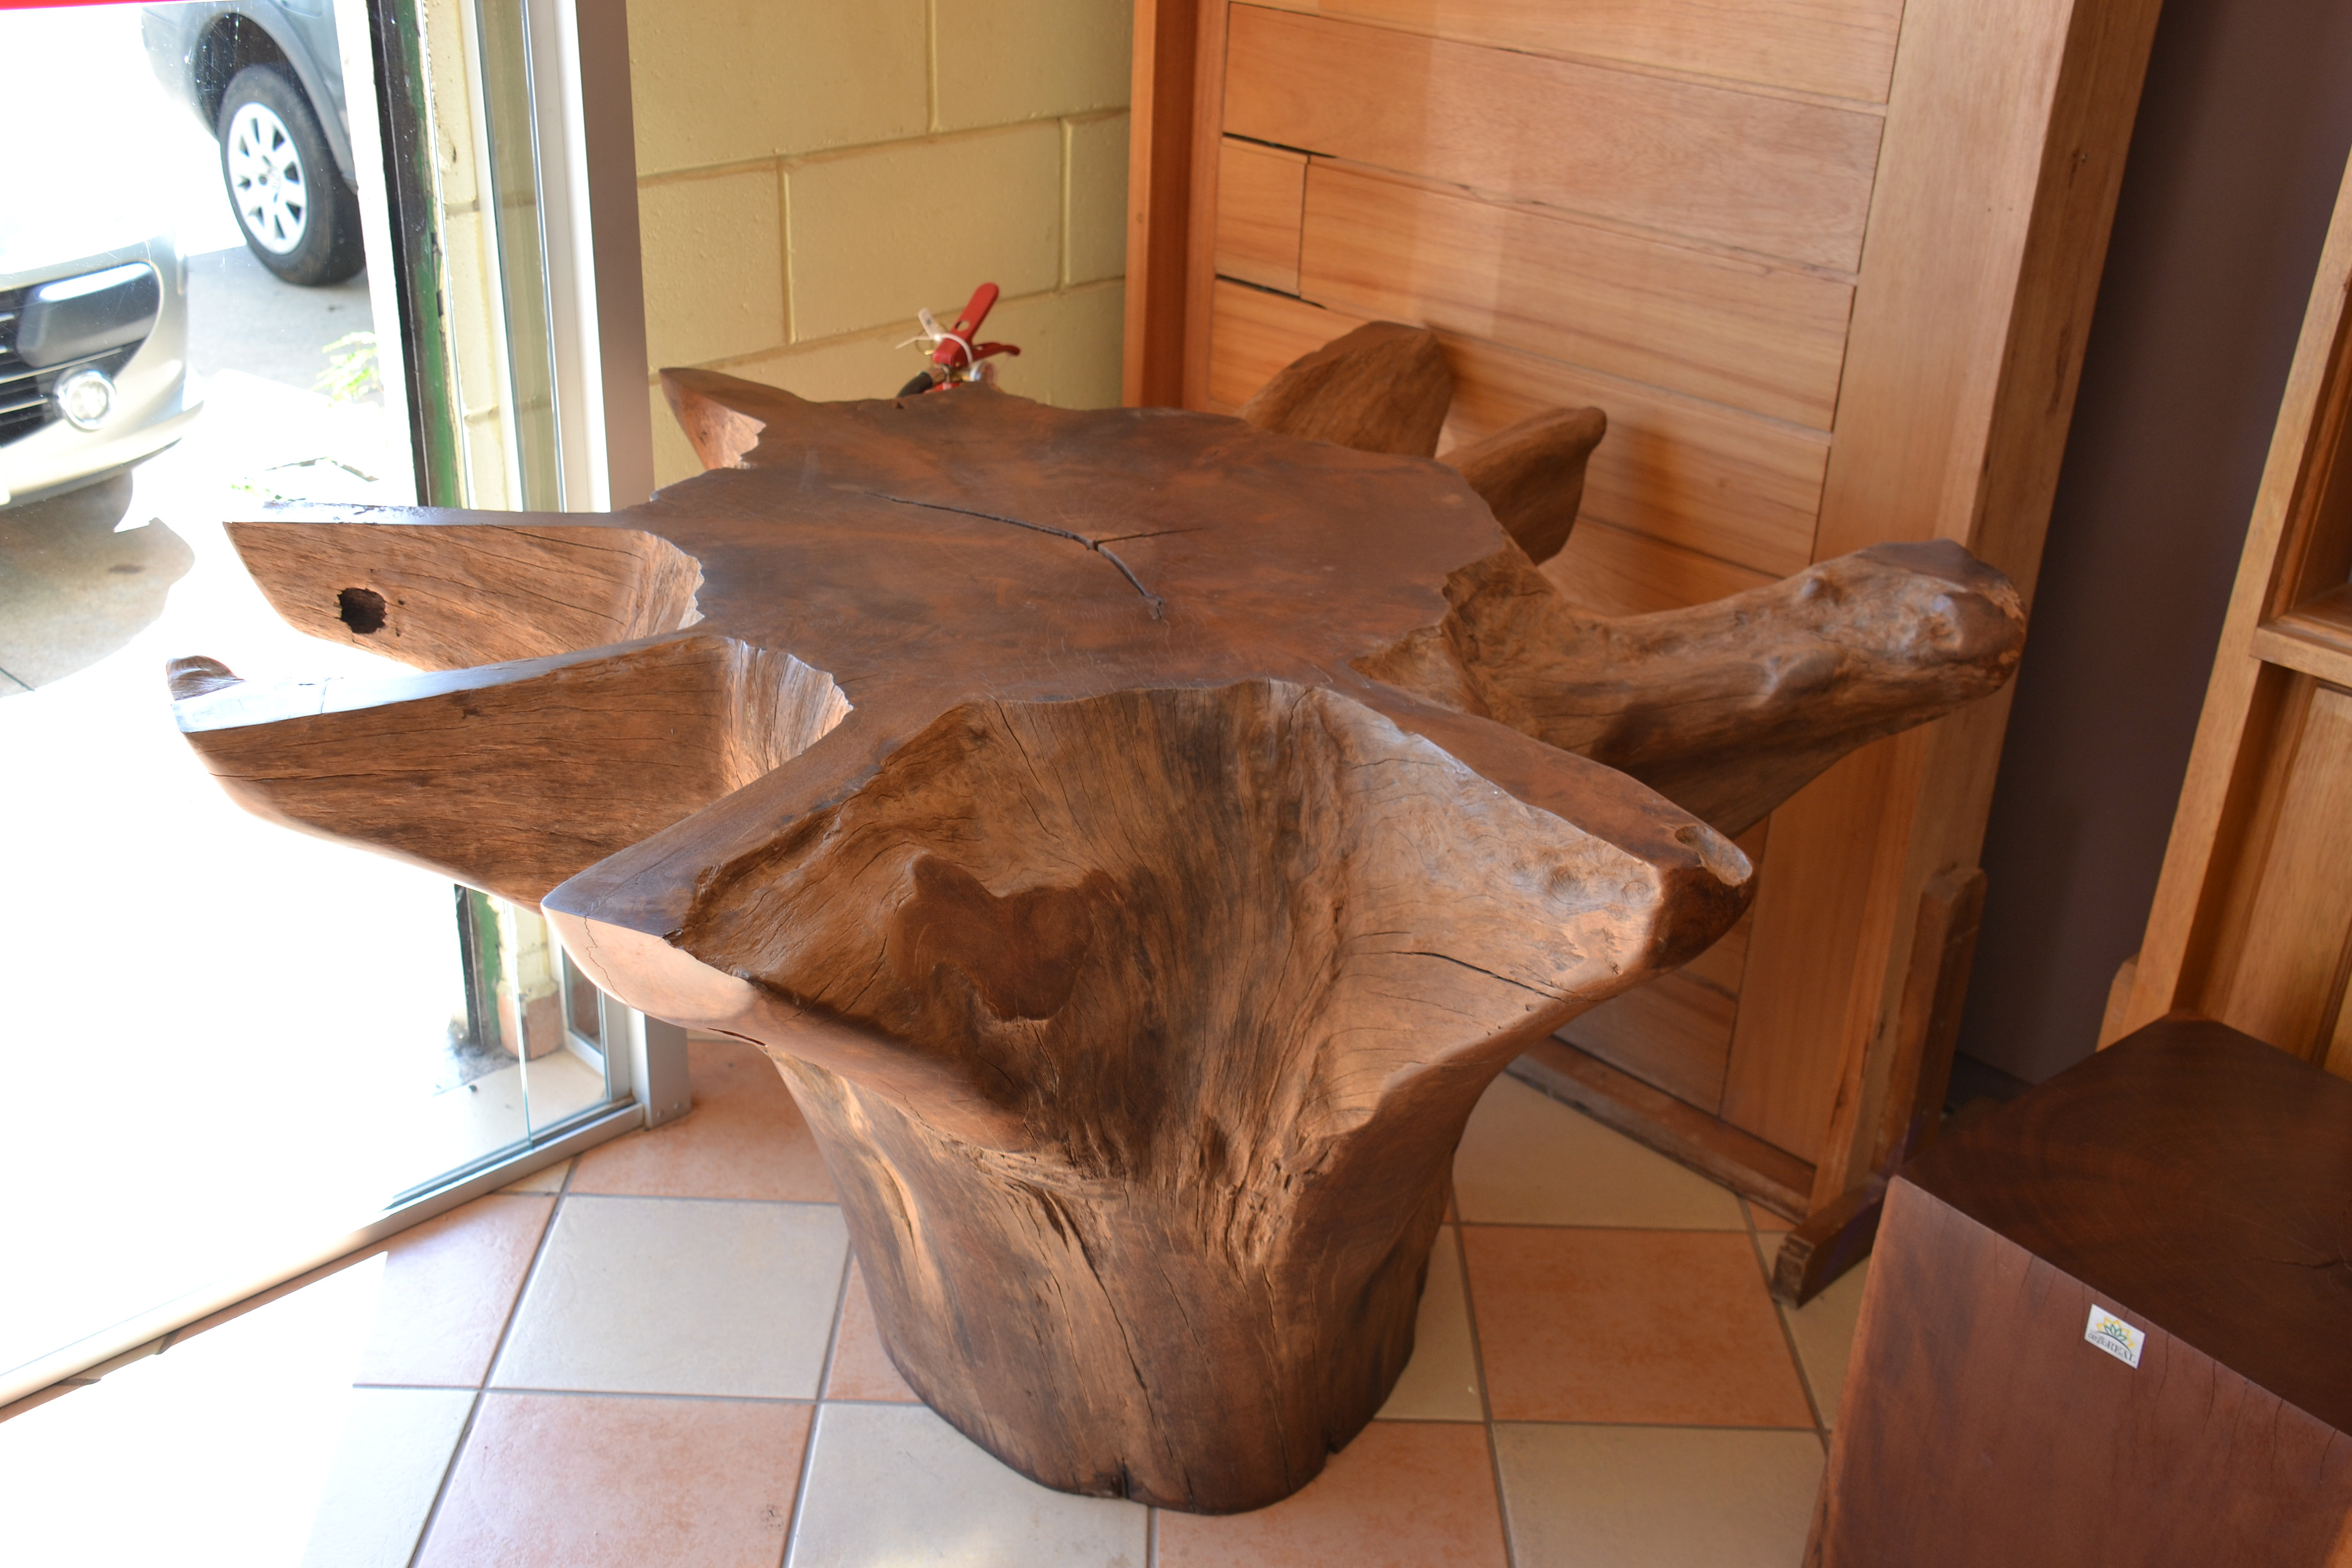 Arboreal m veis m veis r sticos de madeira maci a mesa - Mesa de tronco ...